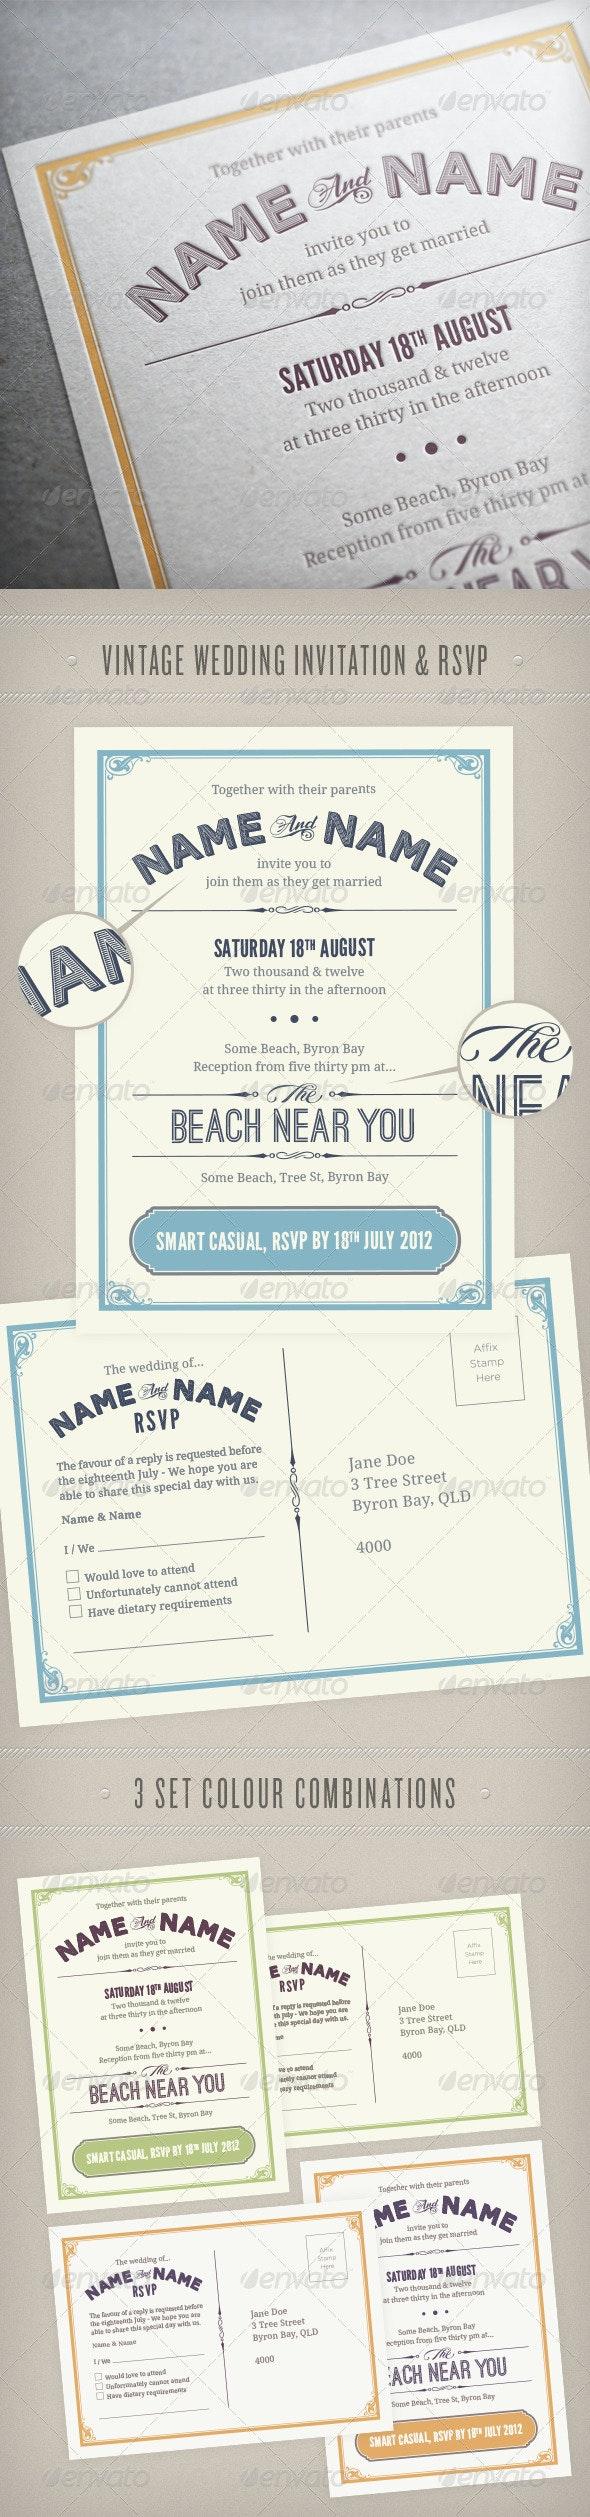 Vintage Wedding Invitation & RSVP - Weddings Cards & Invites